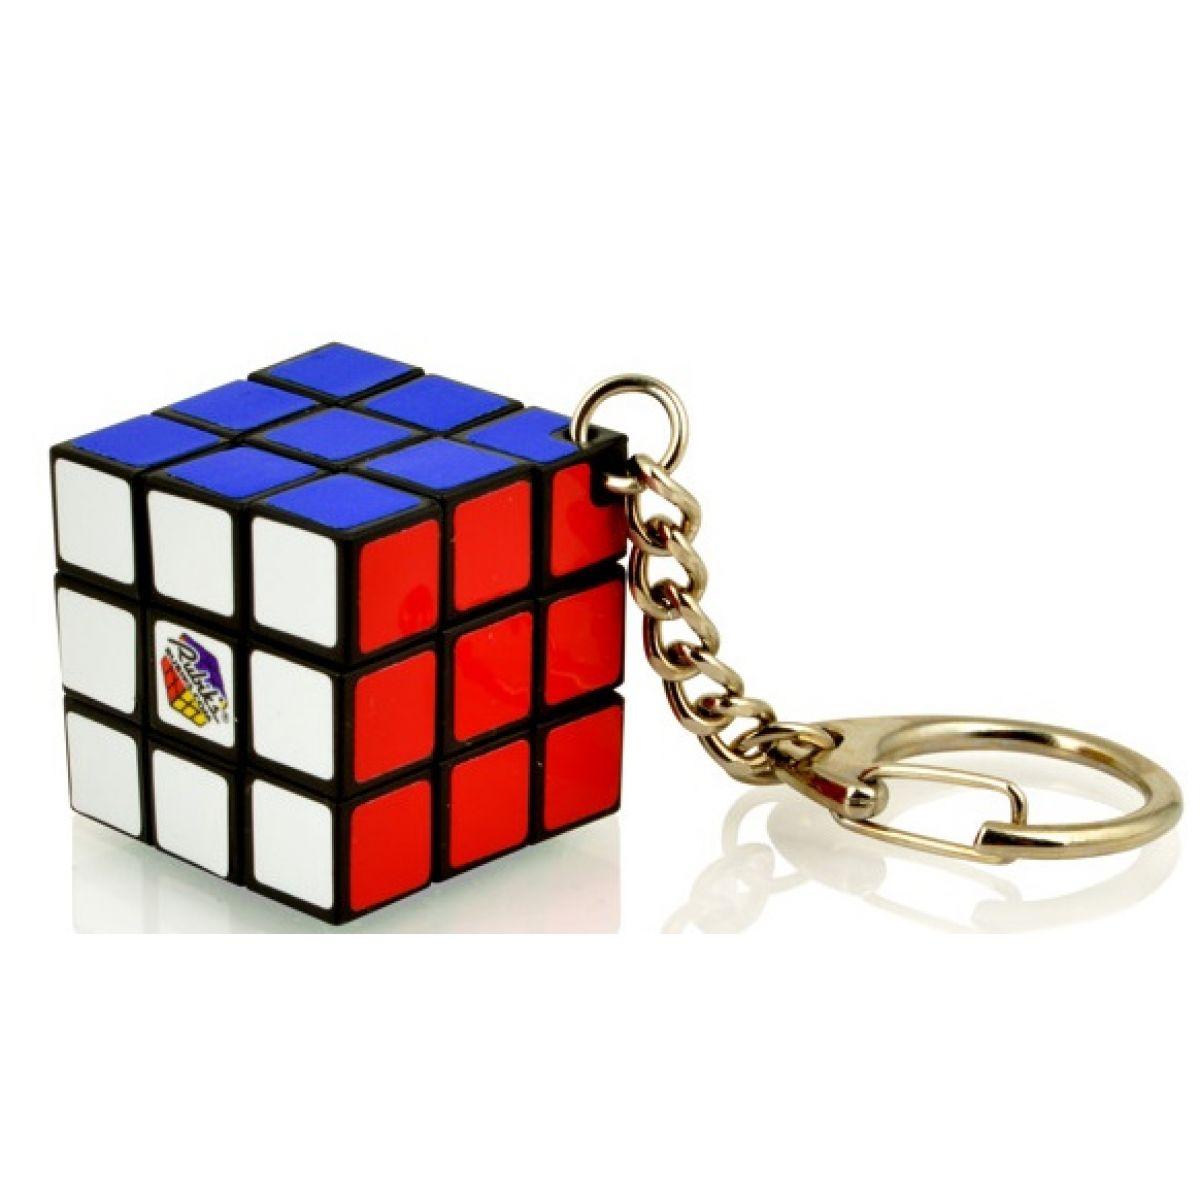 Prívesok na kľúče Rubik Rubikova kostka